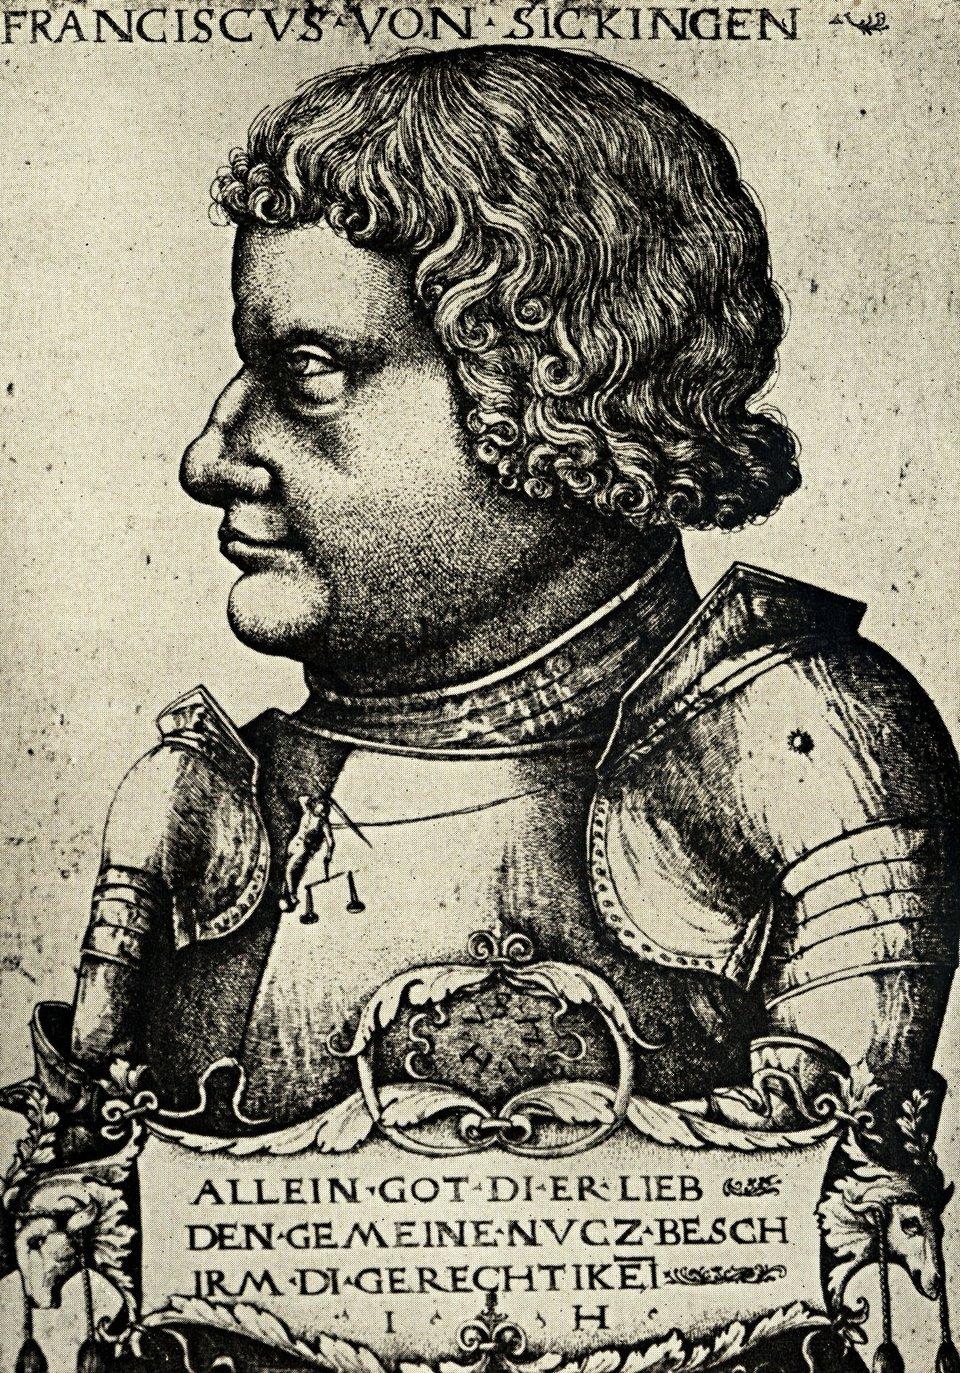 Franz von Sickingen – przywódca wojny rycerskiej Źródło: Hieronymus Hopfer, Franz von Sickingen – przywódca wojny rycerskiej, ok. 1520, akwaforta, domena publiczna.